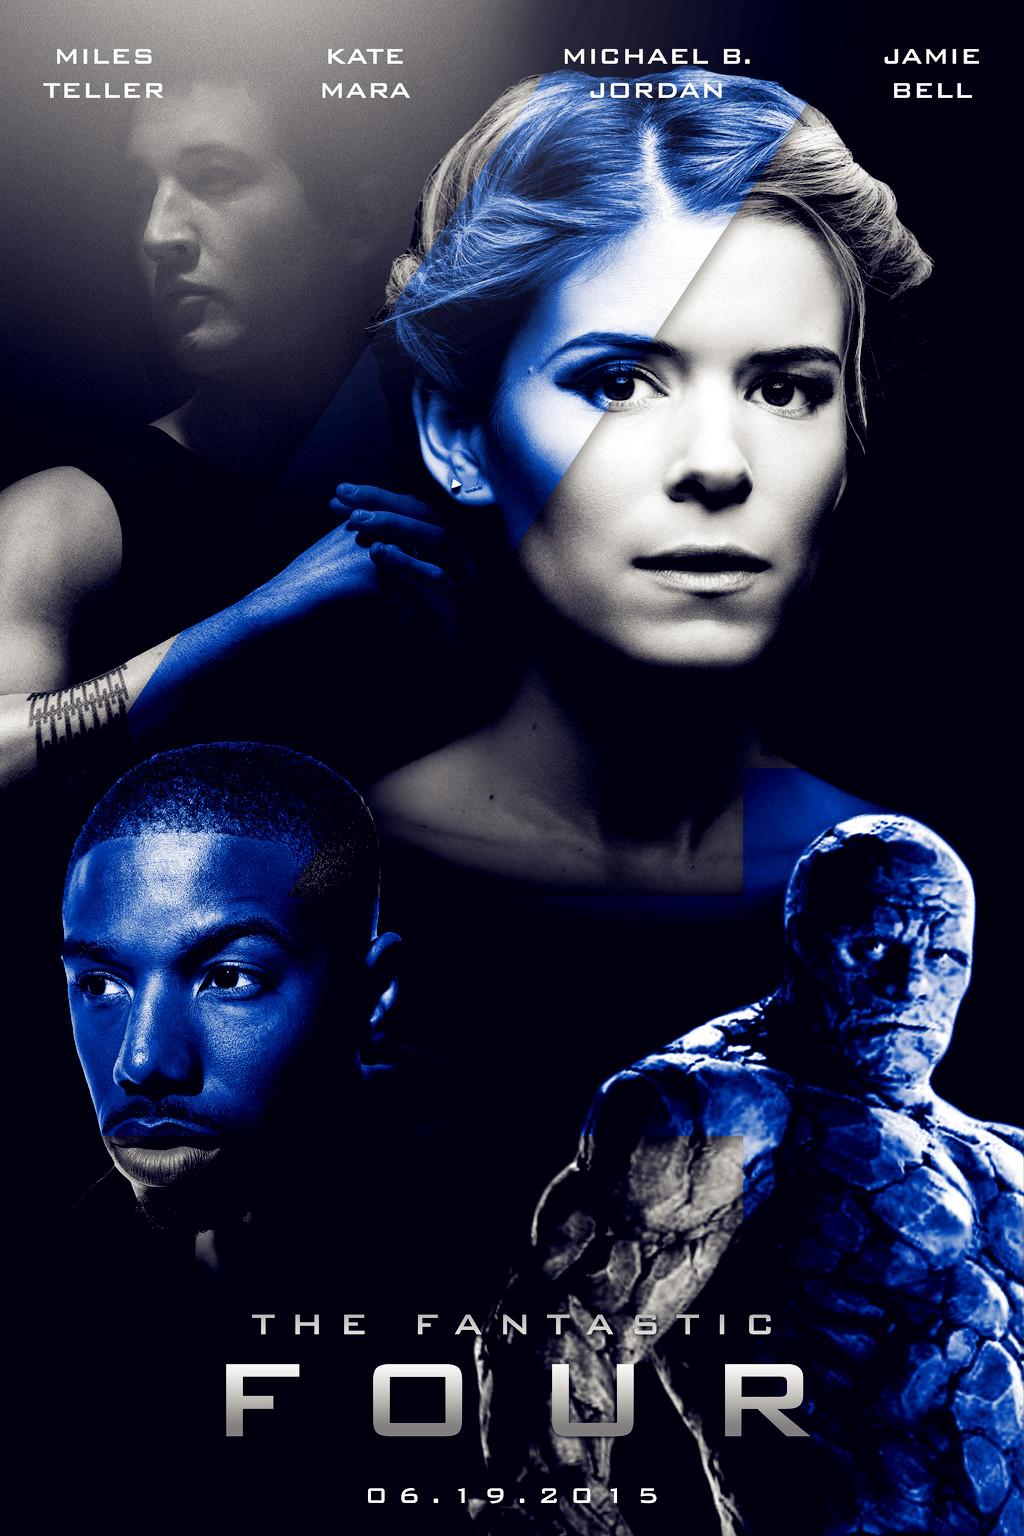 Sinopsis Film Fantastic Four 2015 (Miles Teller, Kate Mara, Michael B. Jordan)